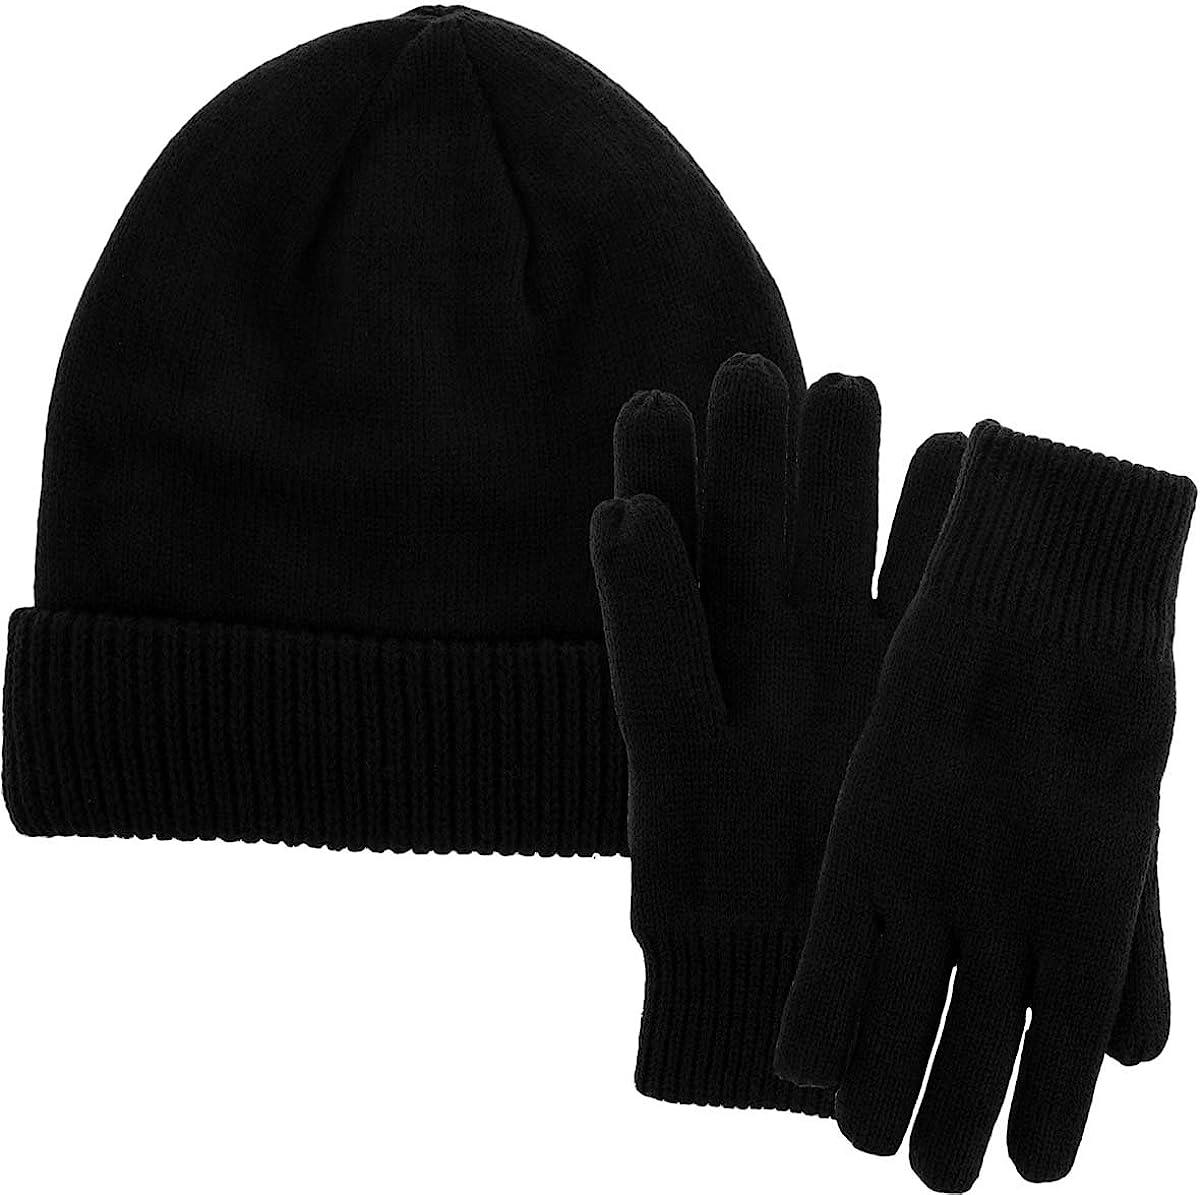 Men Winter Hat and Gloves Set Warm Fleece Beanie Knit Hat with Winter Gloves